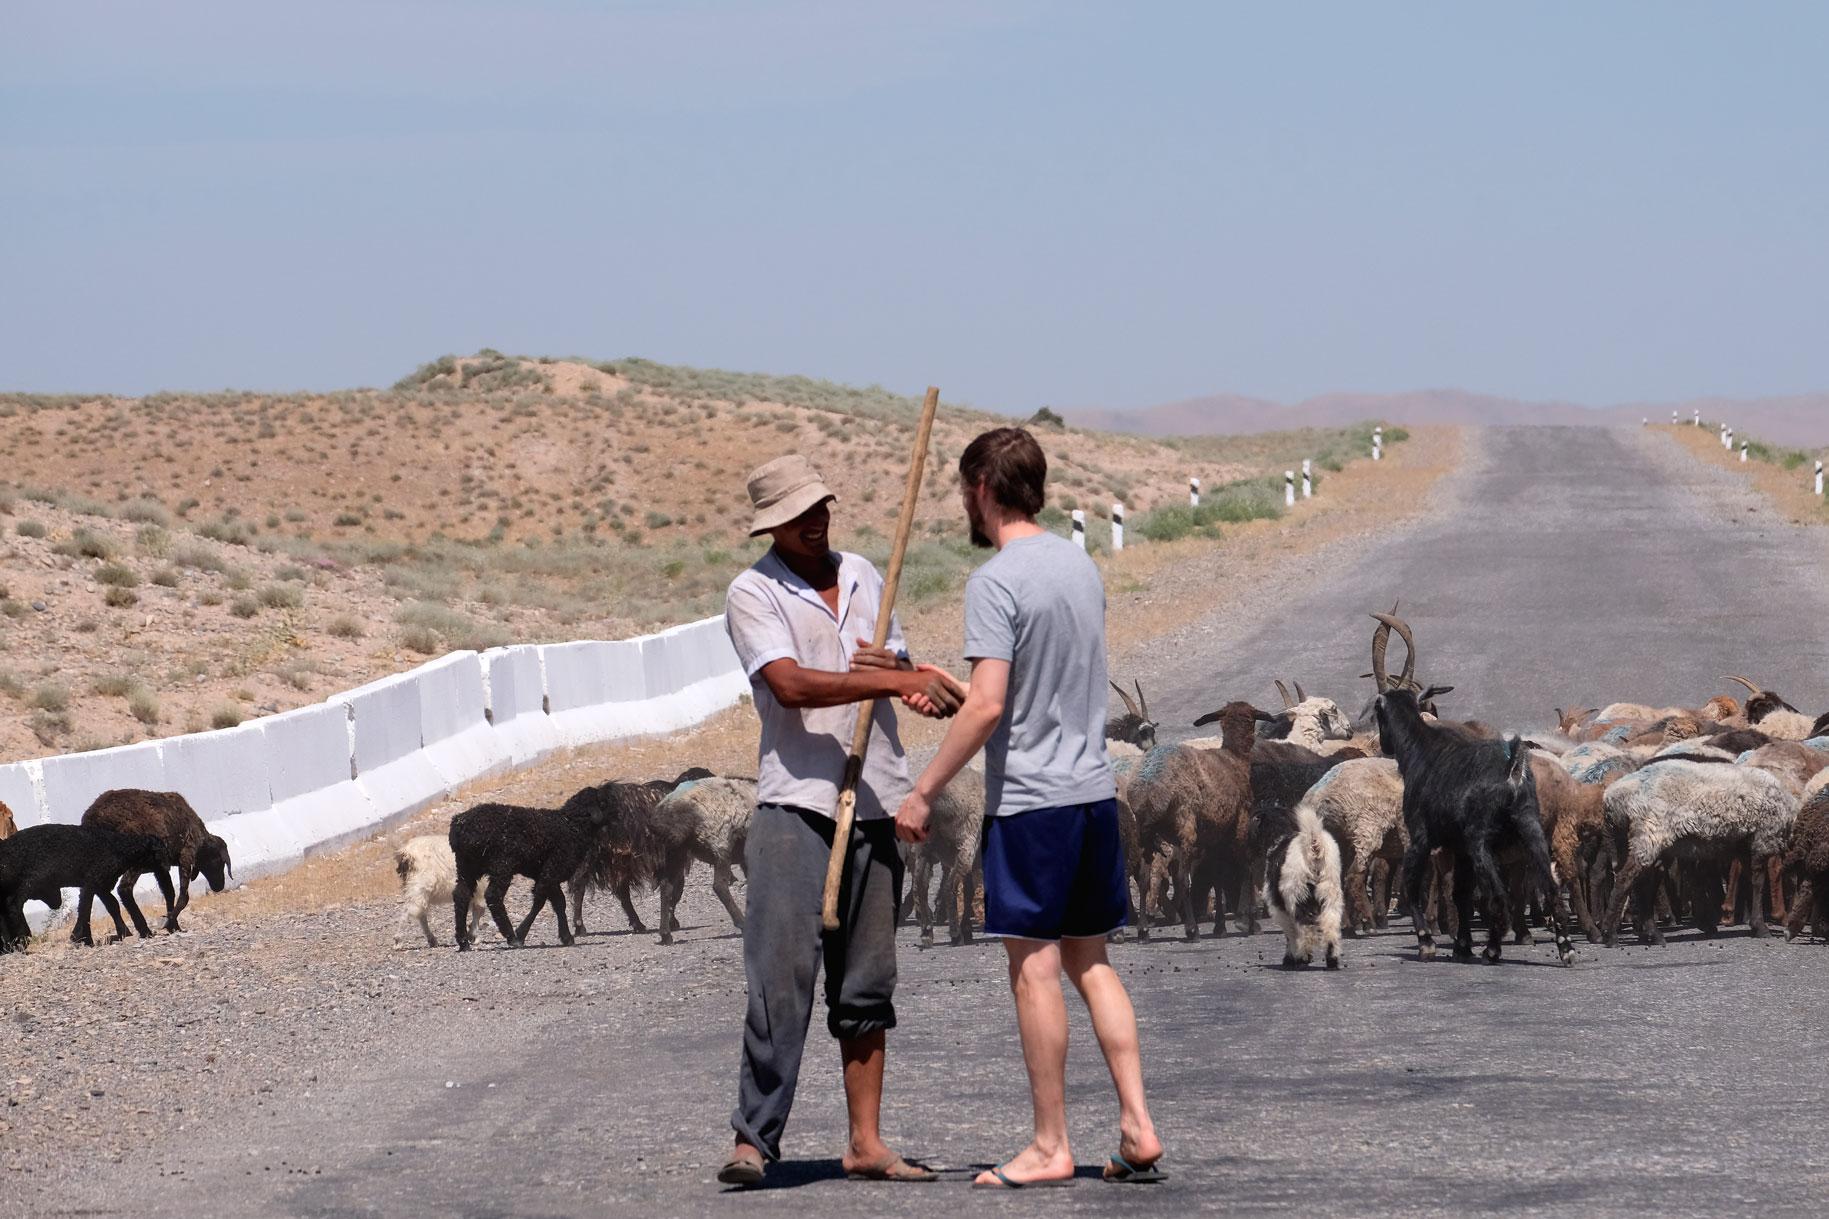 Nette Begegnung mit einem Hirten mitten auf der Straße